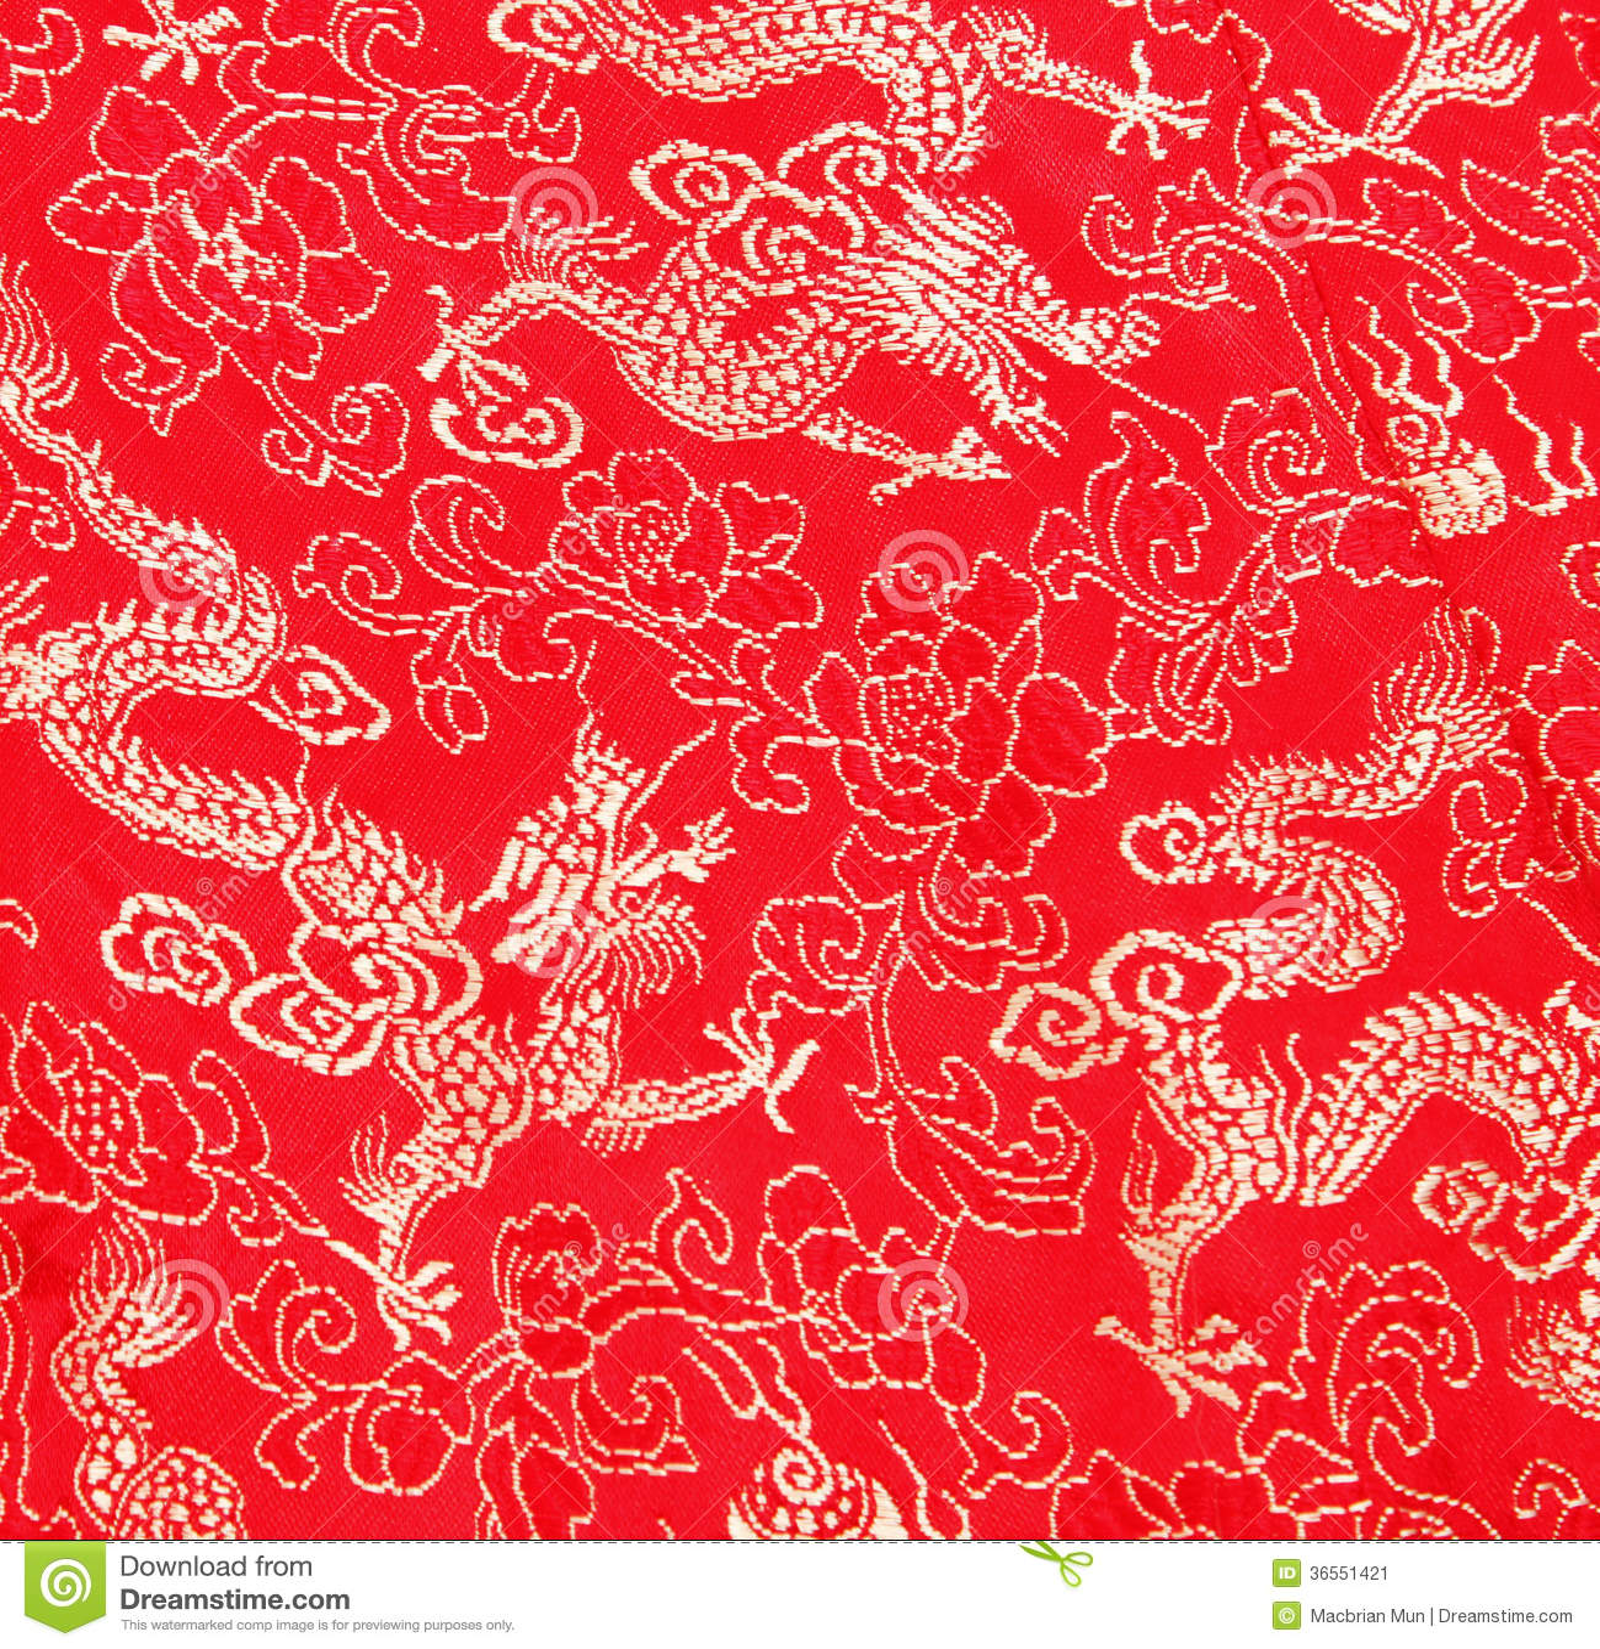 Chinese fabric patterns - photo#14